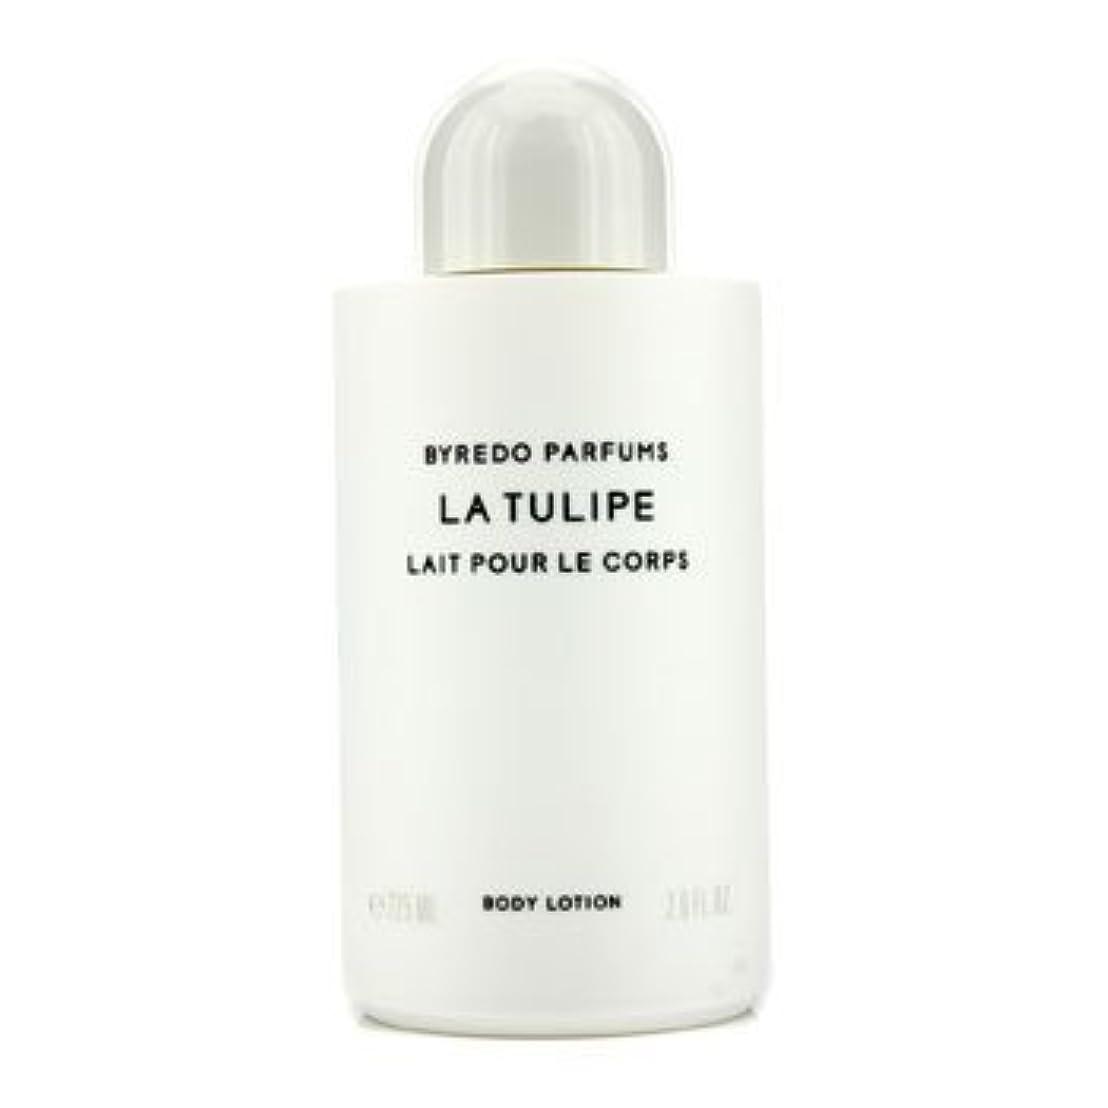 発疹葡萄買い物に行くByredo La Tulipe Body Lotion For Women 225Ml/7.6Oz by Byredo [並行輸入品]